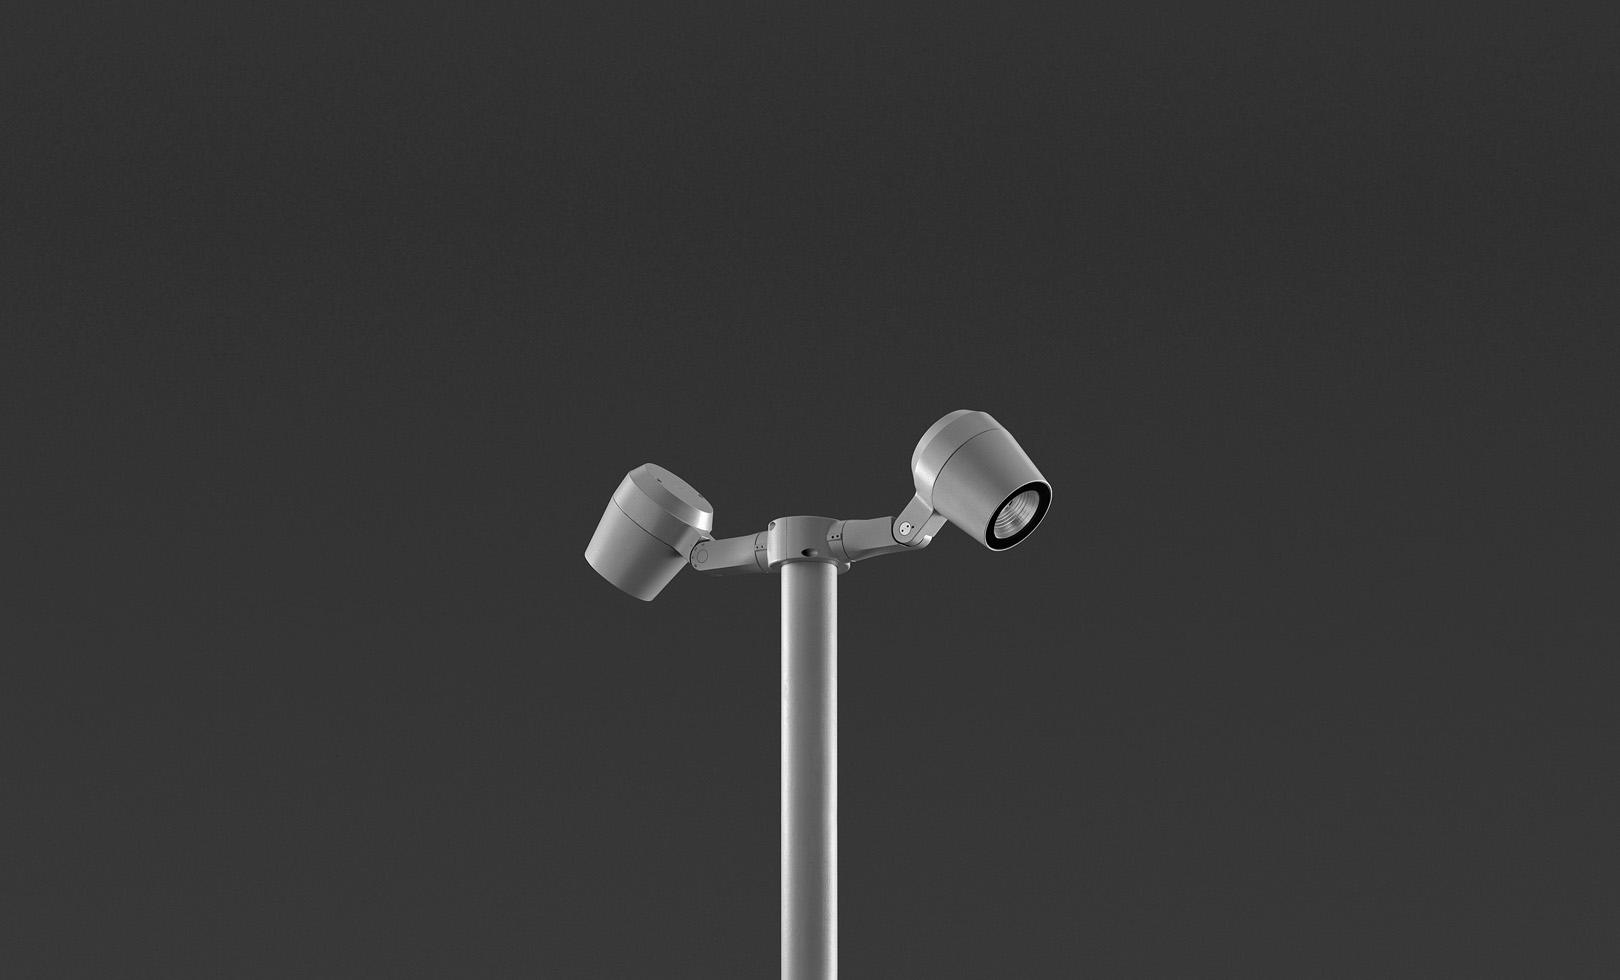 807002-807005 RING POLE MEDIUM LED 4